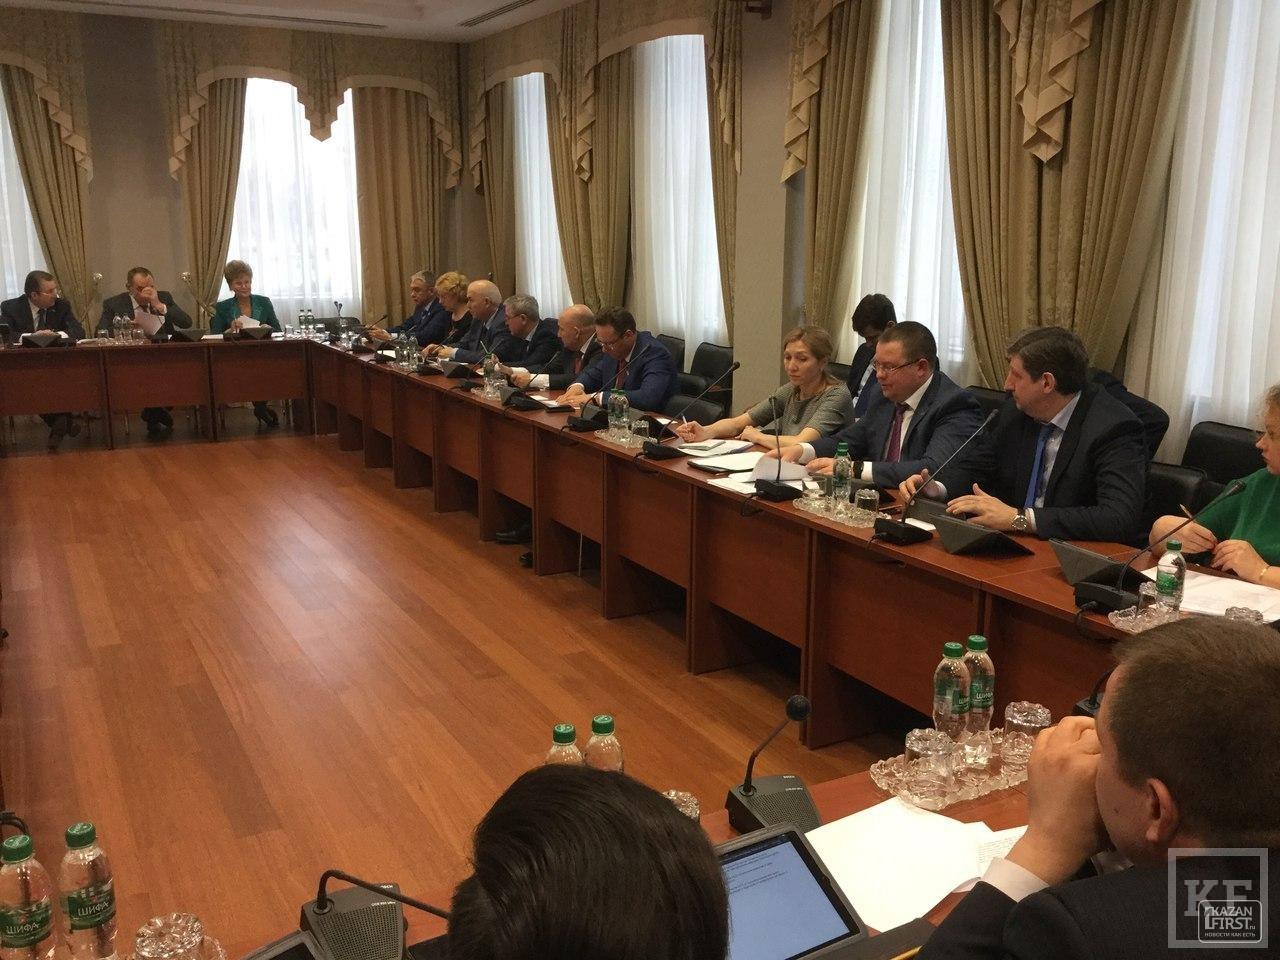 Программа по выделению земли многодетным семьям в Татарстане буксует: Госсовет отчитал чиновников  муниципалитетов